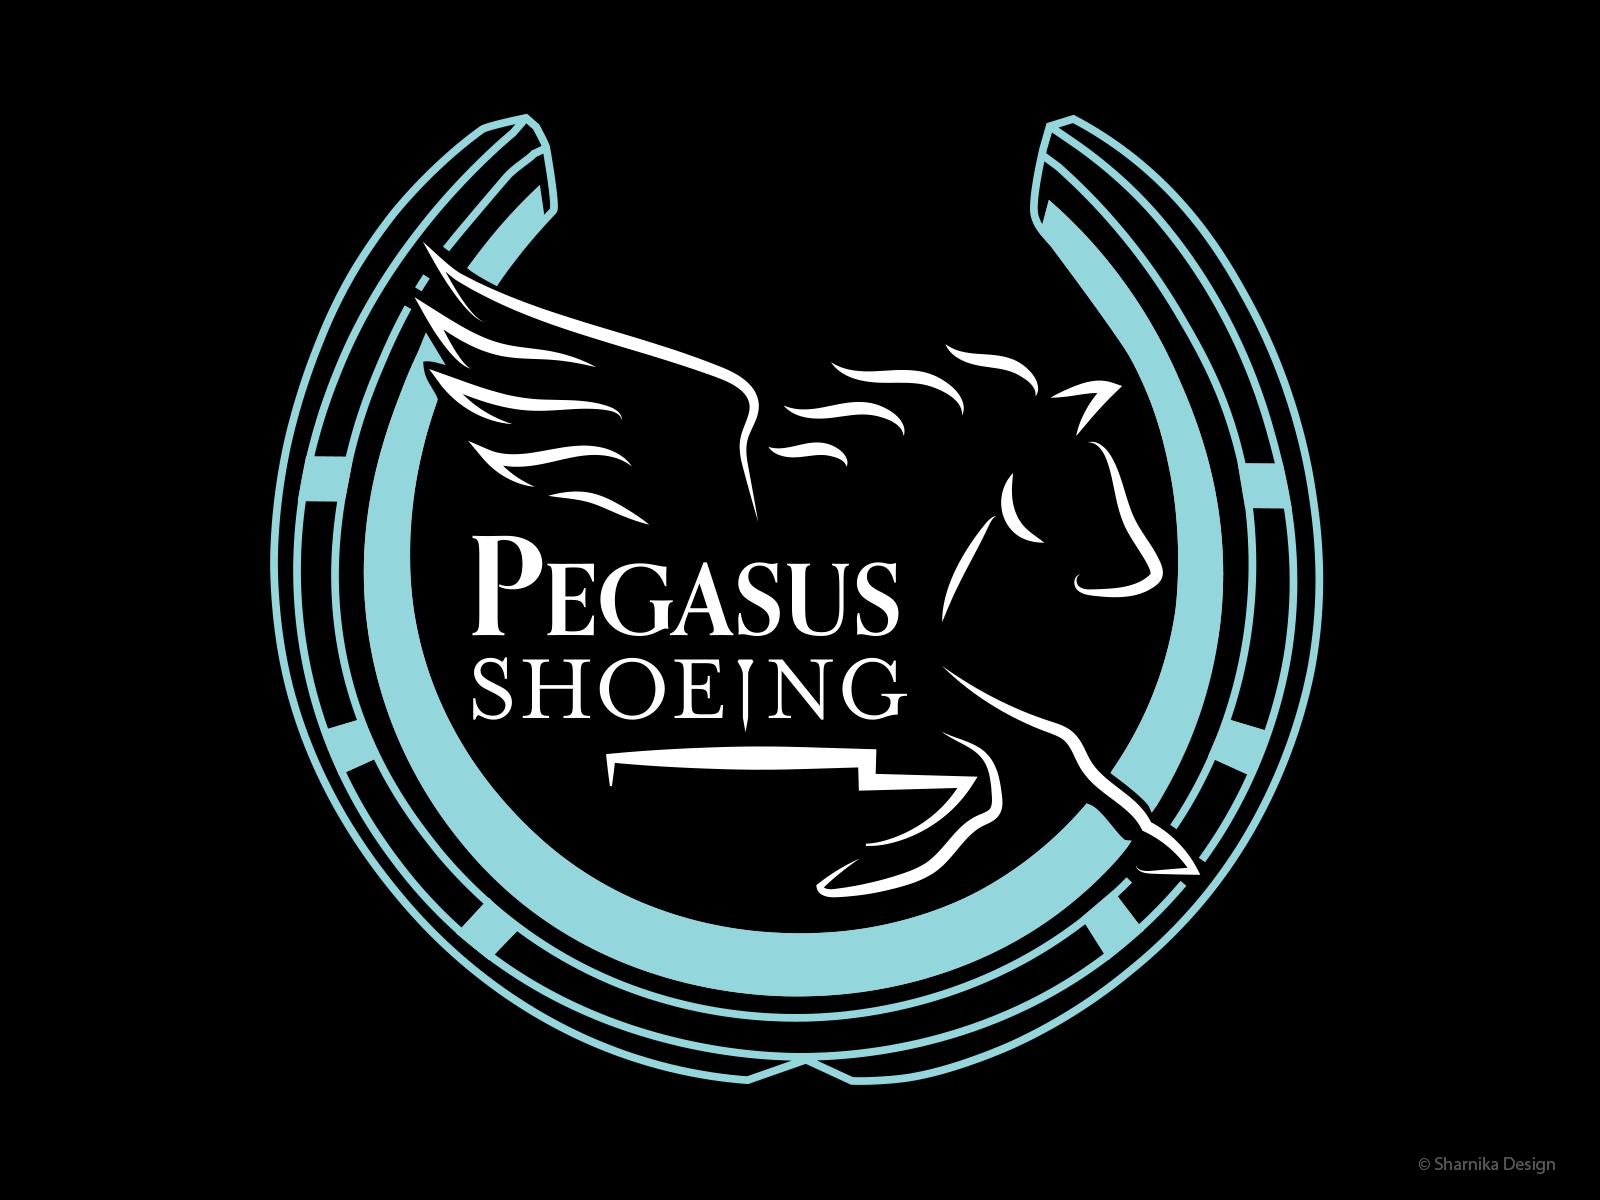 Logo Design for Pegasus Shoeing